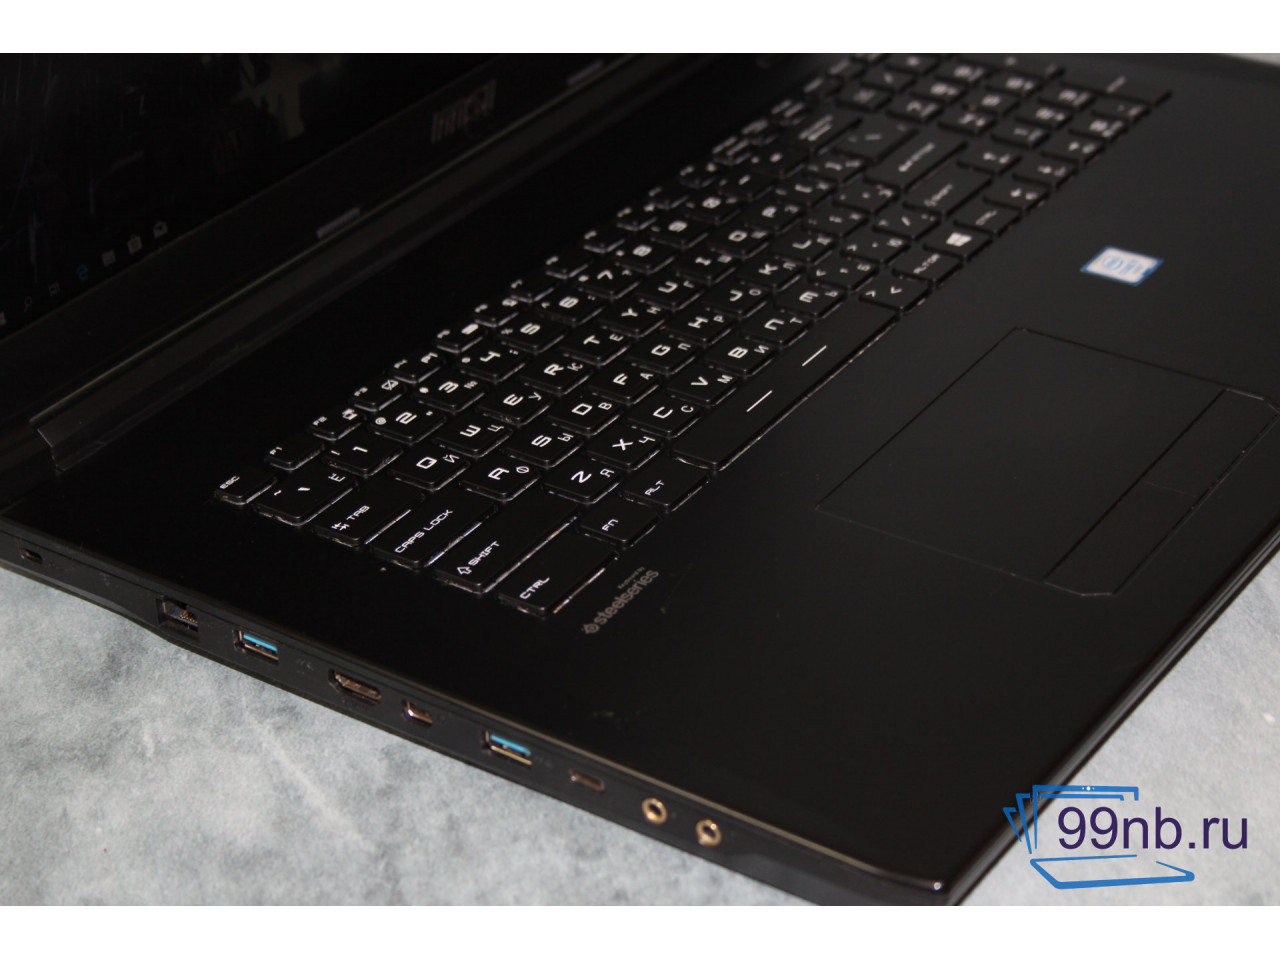 Мощный игровой MSI на i7/GTX950